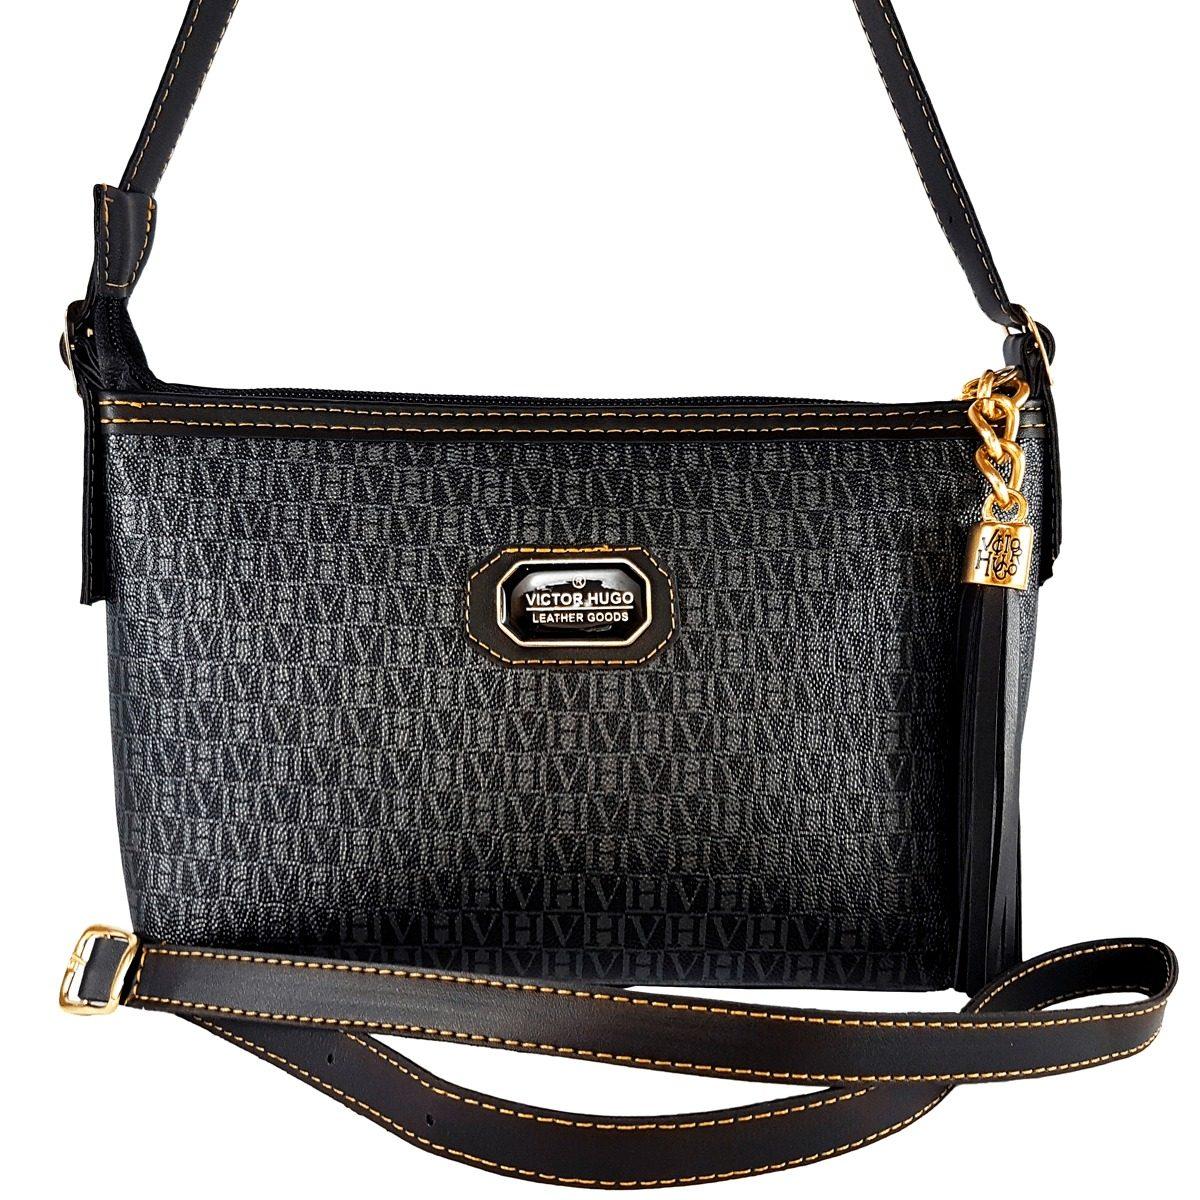 d34f0530e Bolsa Transversal Pequena Tiracolo Feminina Balada - R$ 79,99 em ...